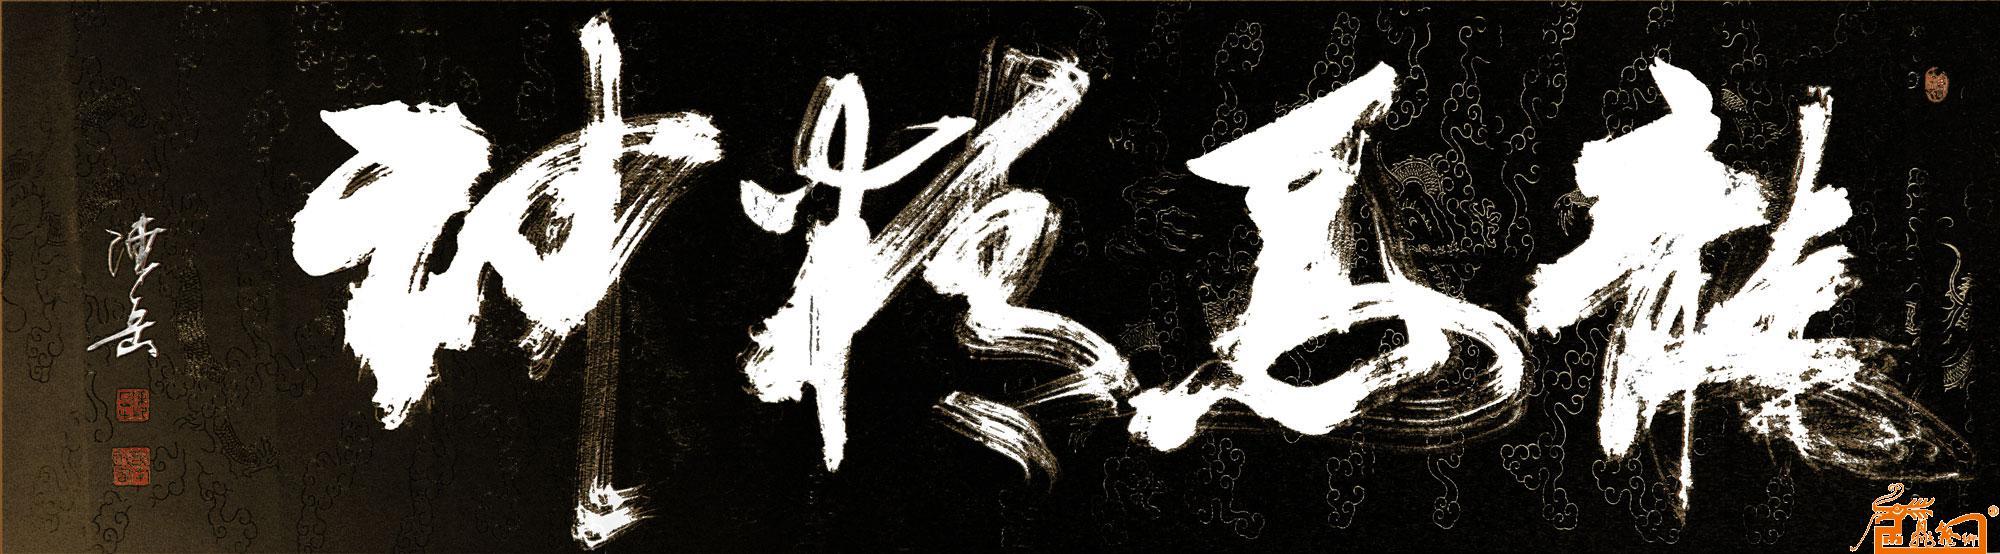 名家 陈岳 书法 - 作品137图片